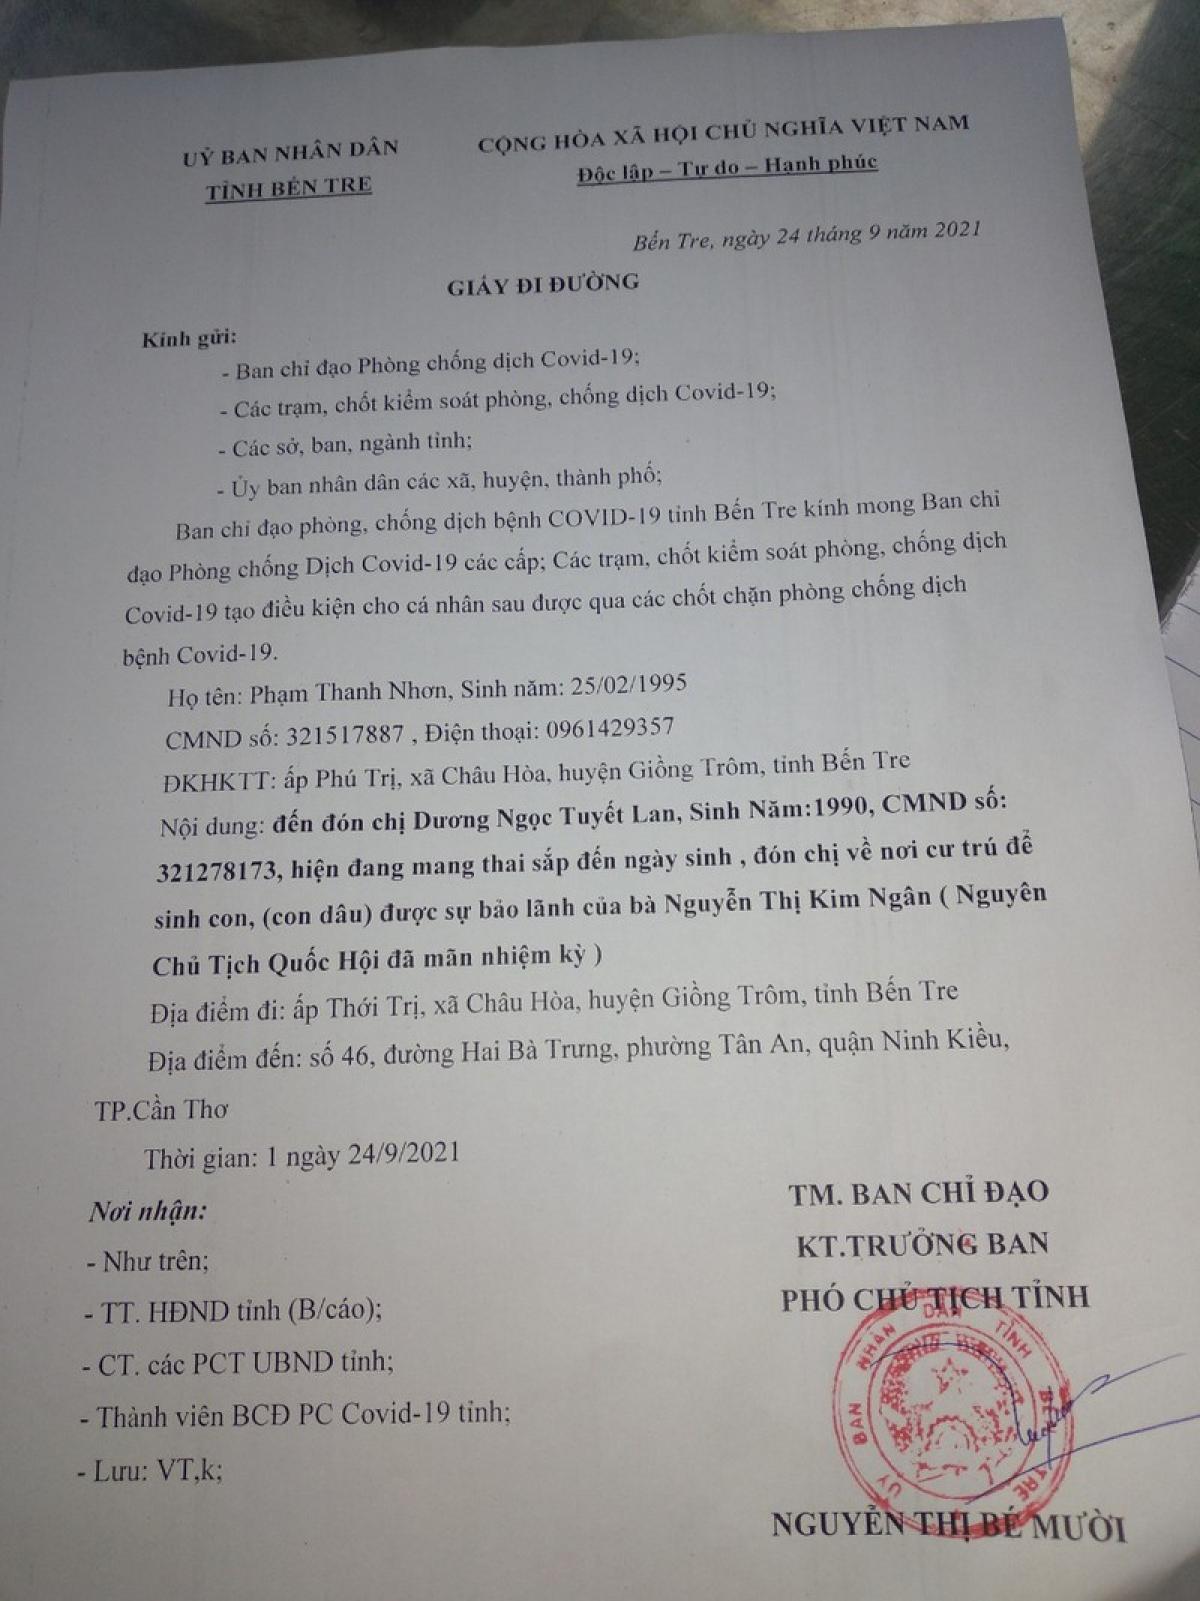 Giấy đi đường giả Phạm Thành Nhơn sử dụng để qua chốt.